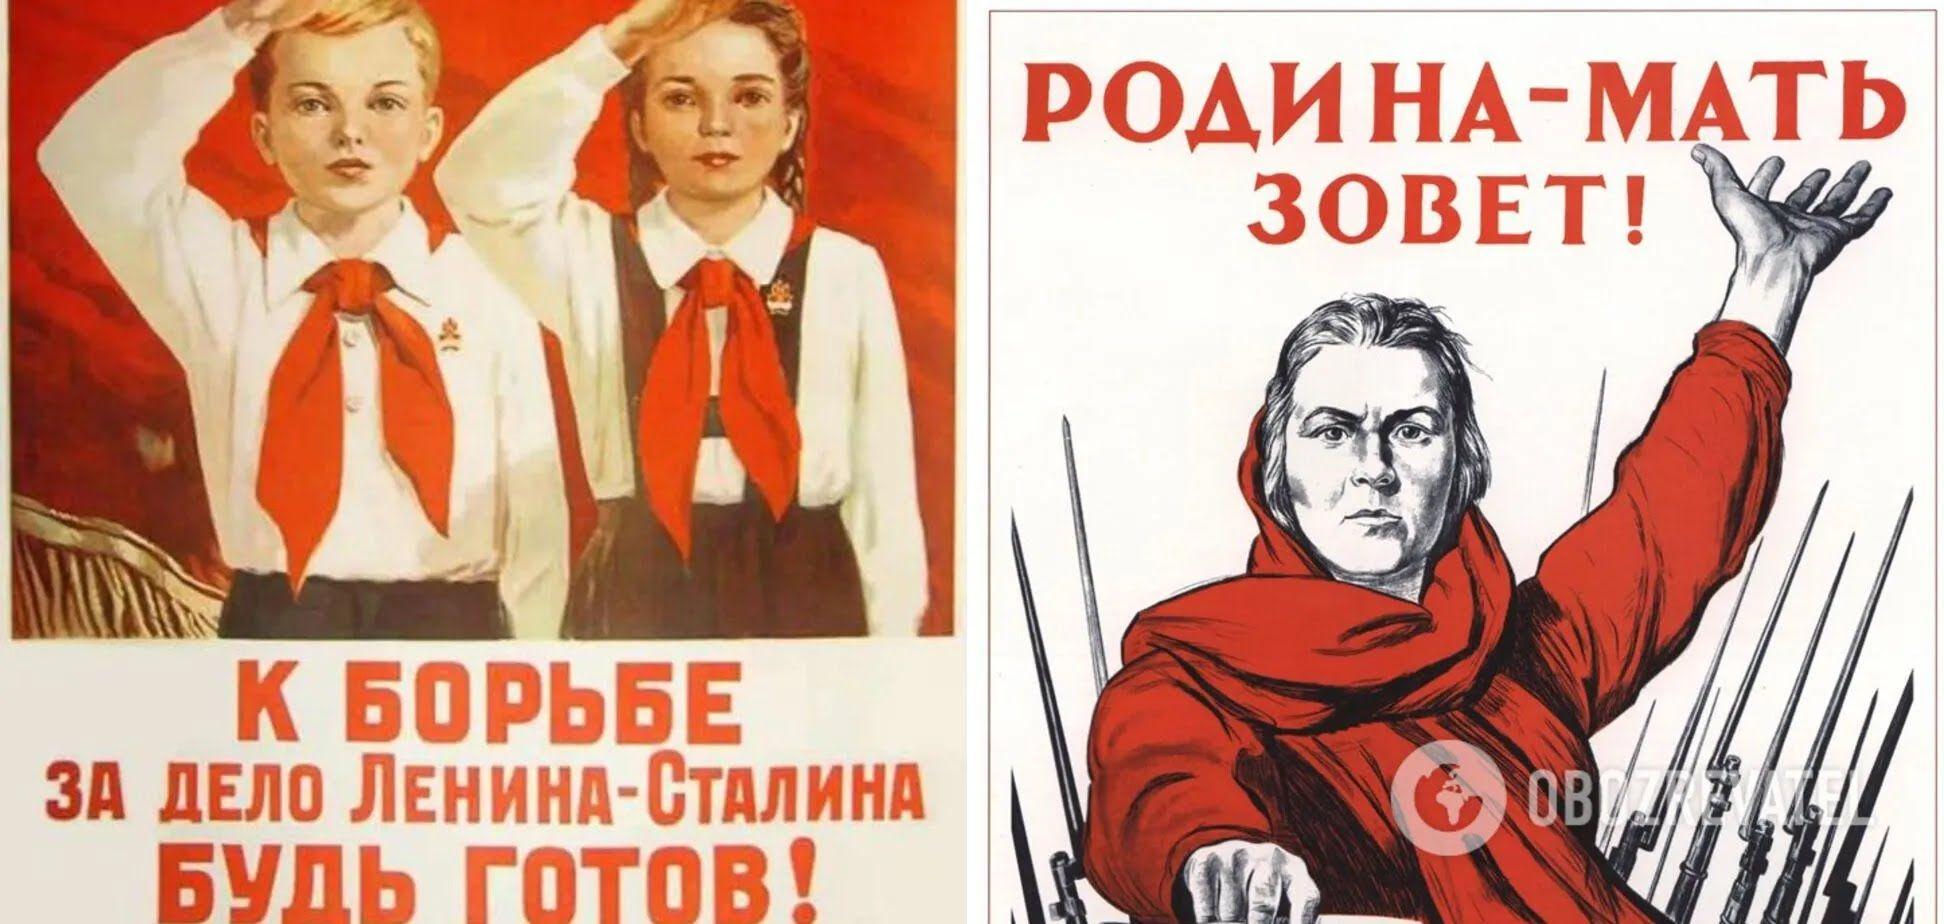 В СССР было много пропаганды коммунистического режима.